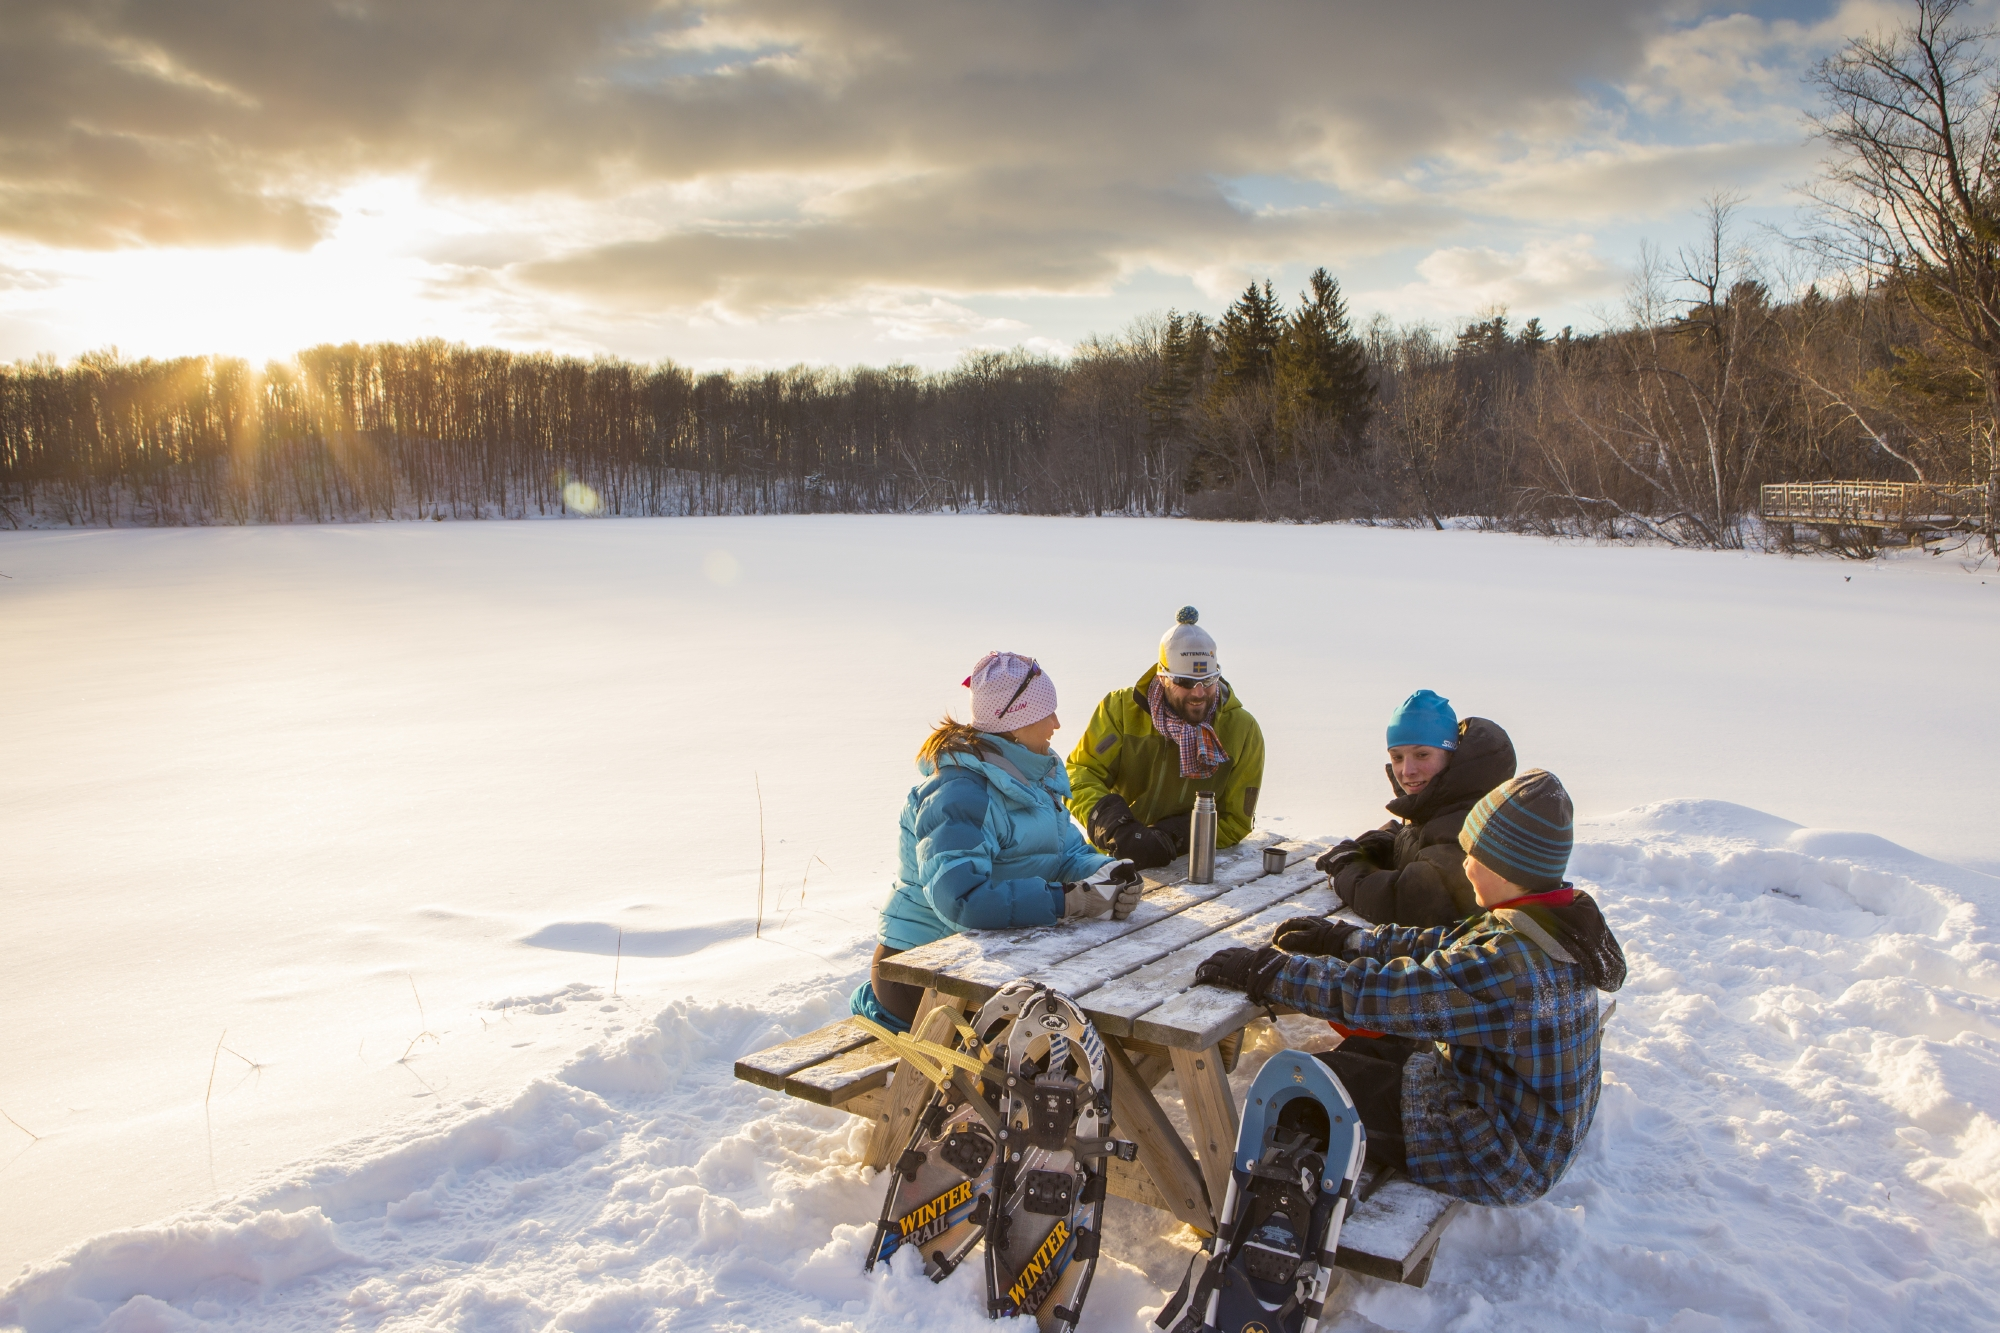 La 4e présentation de la Journée d'hiver Sépaq le samedi 25 janvier.